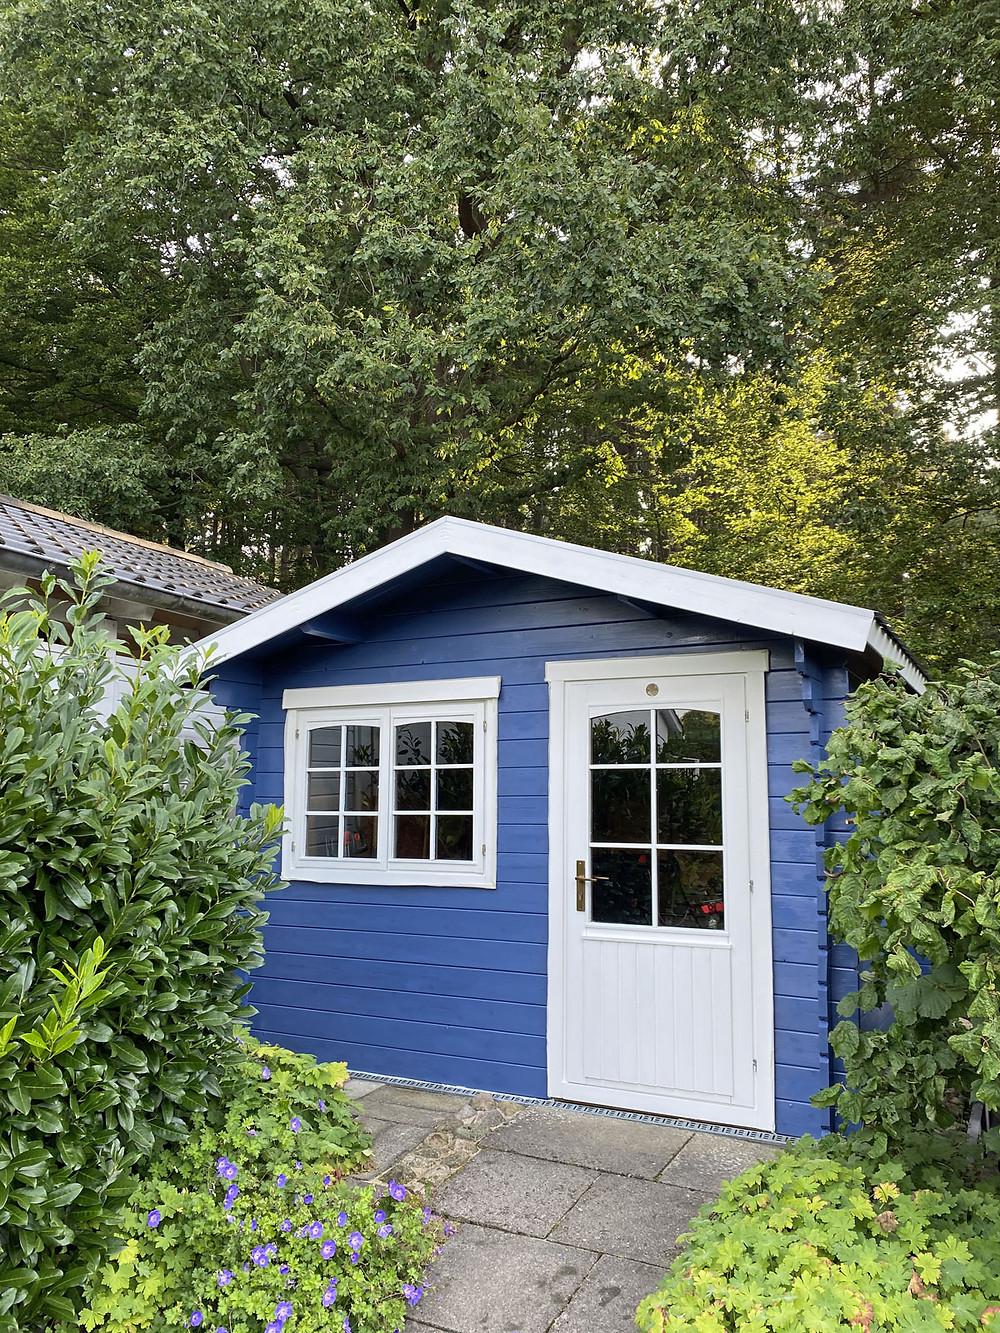 Gartenhütte streichen mit outdoor Farbe